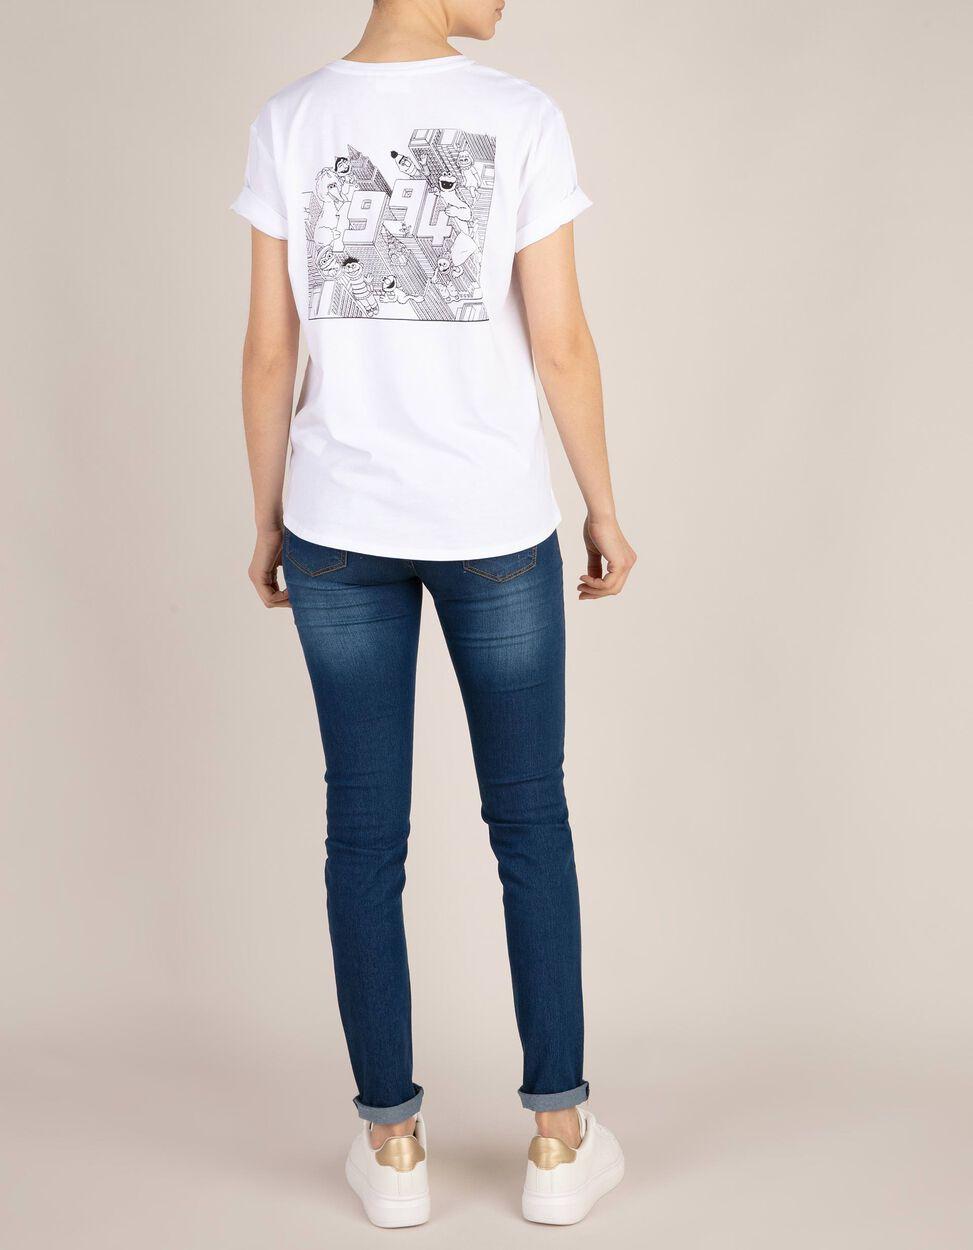 T-Shirt Sesame Street